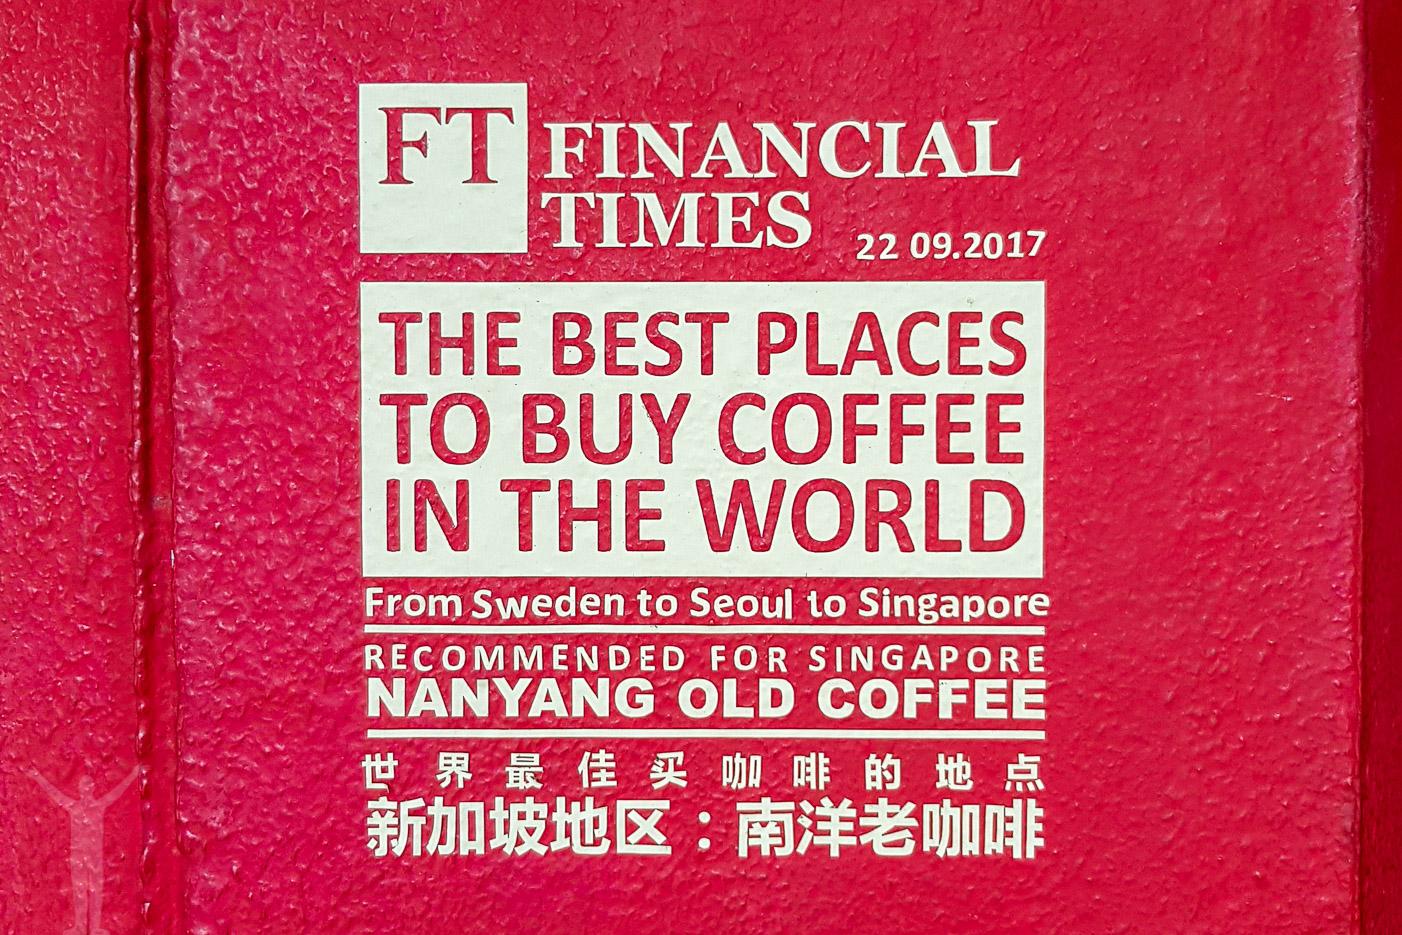 Världens bästa kaffe?